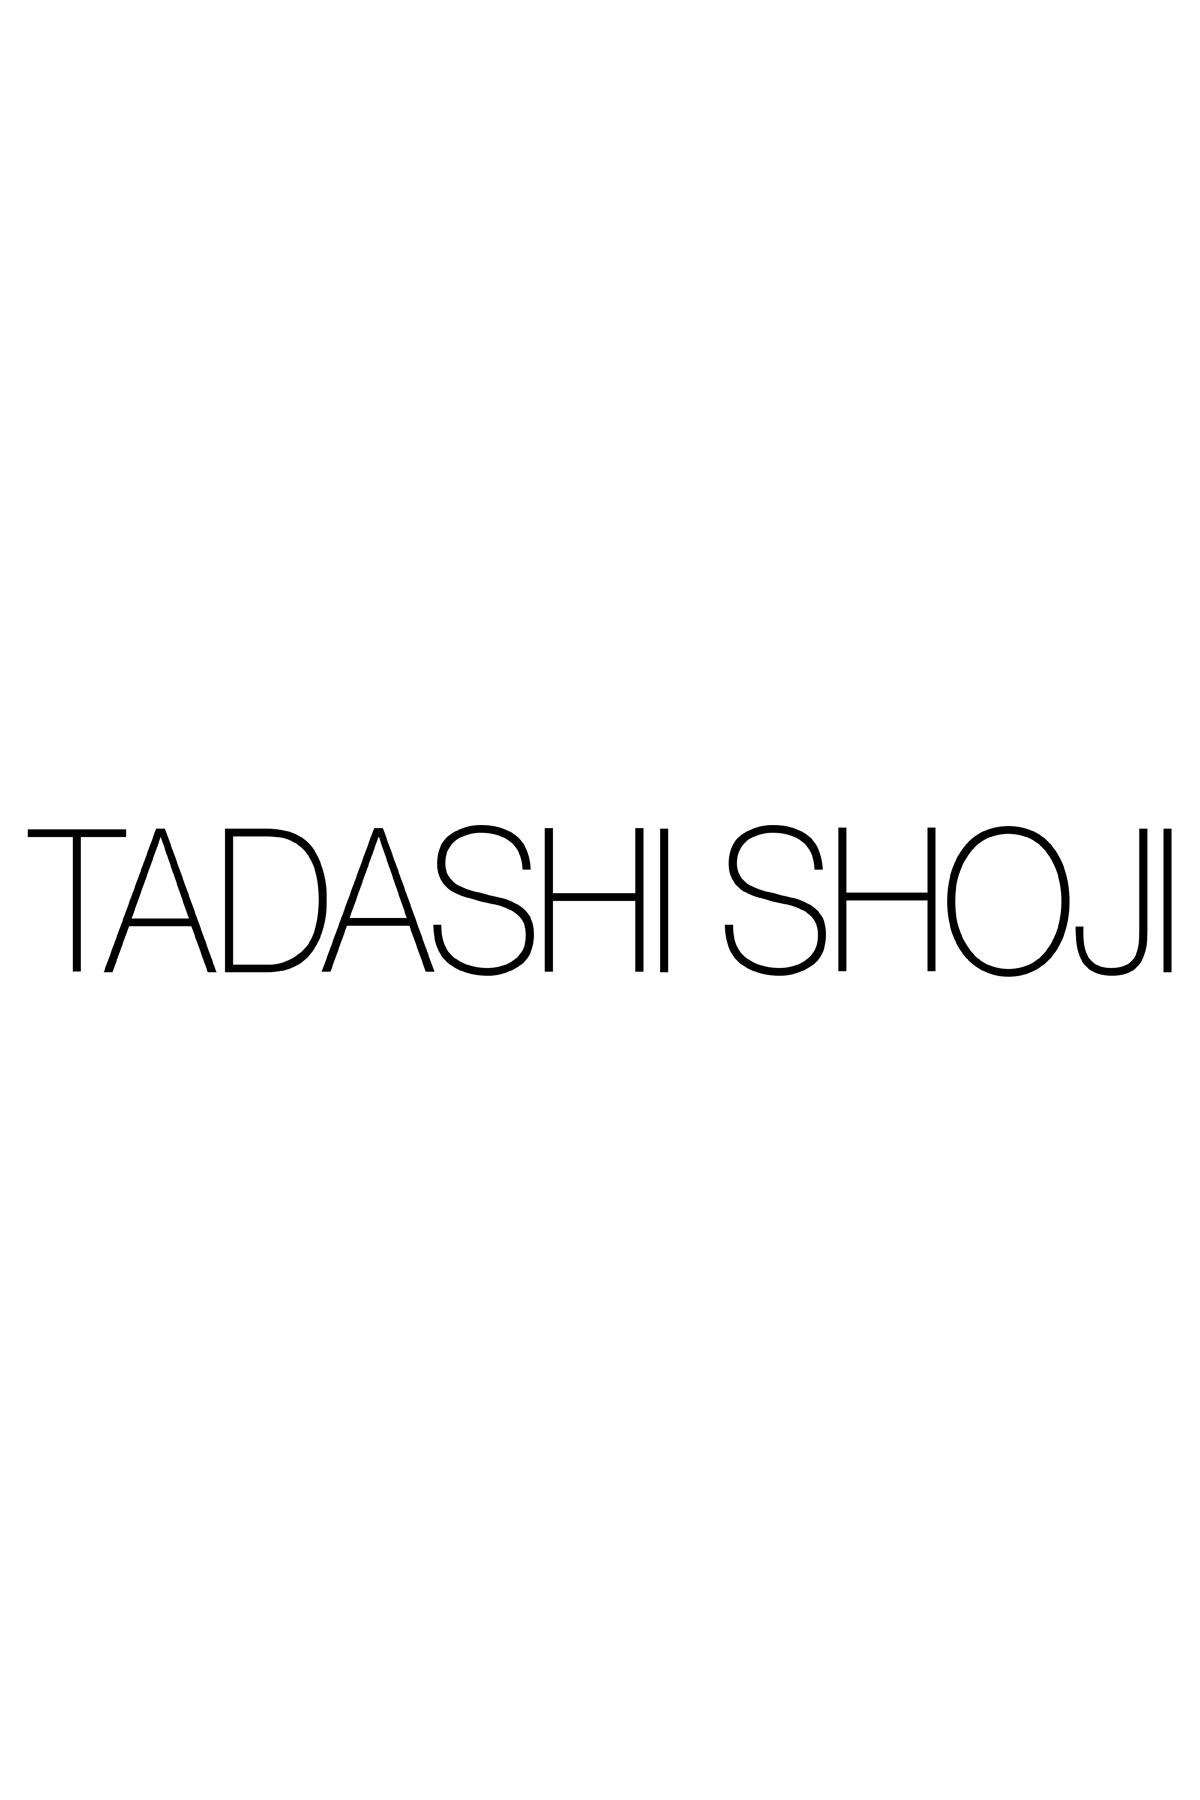 Tadashi Shoji - Nerine Floral Sequin Embroidered Crepe Dress